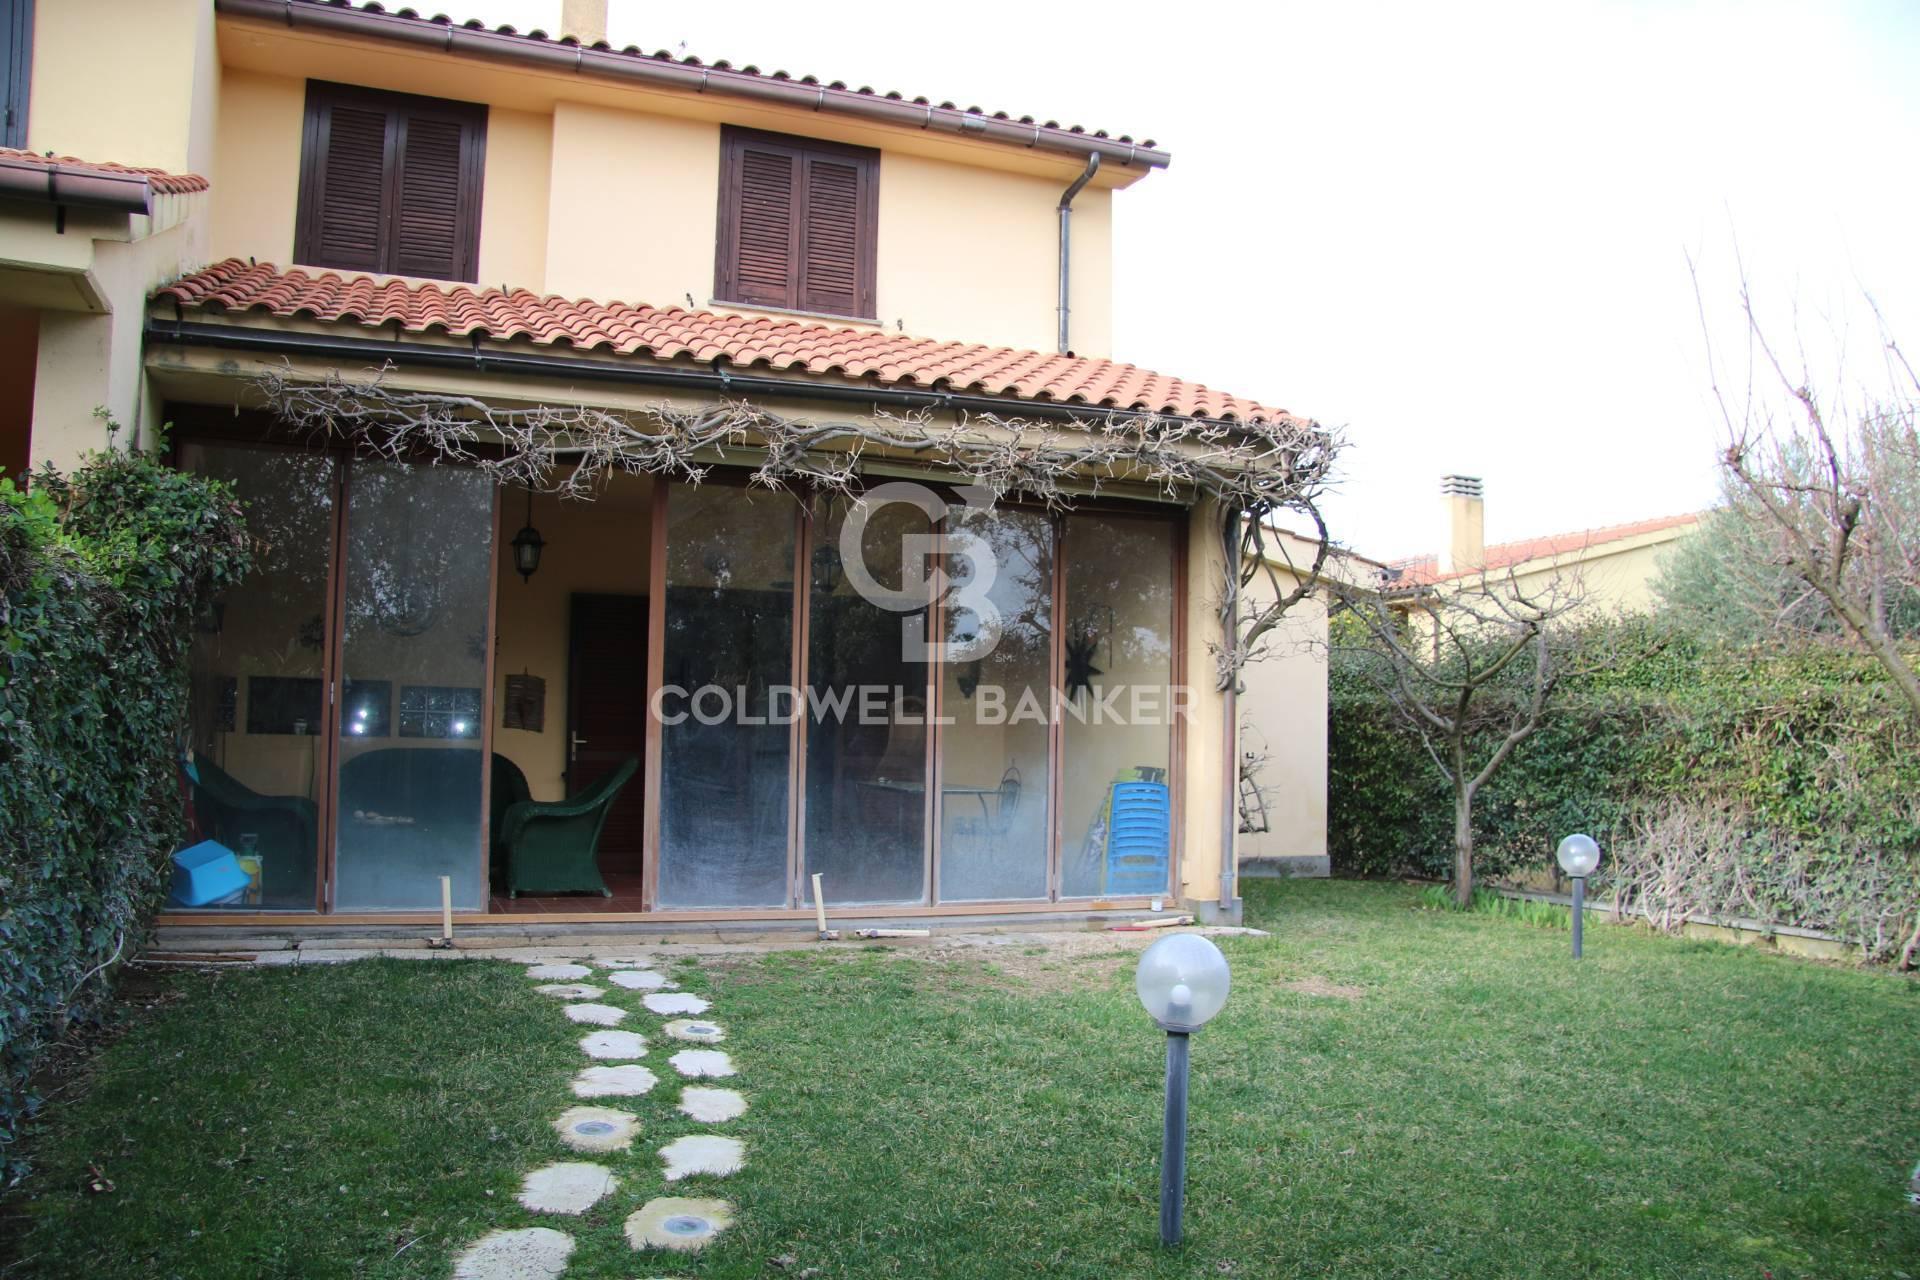 Appartamento in vendita a Montalto di Castro, 5 locali, zona Località: MontaltoMarina, prezzo € 207.000 | CambioCasa.it